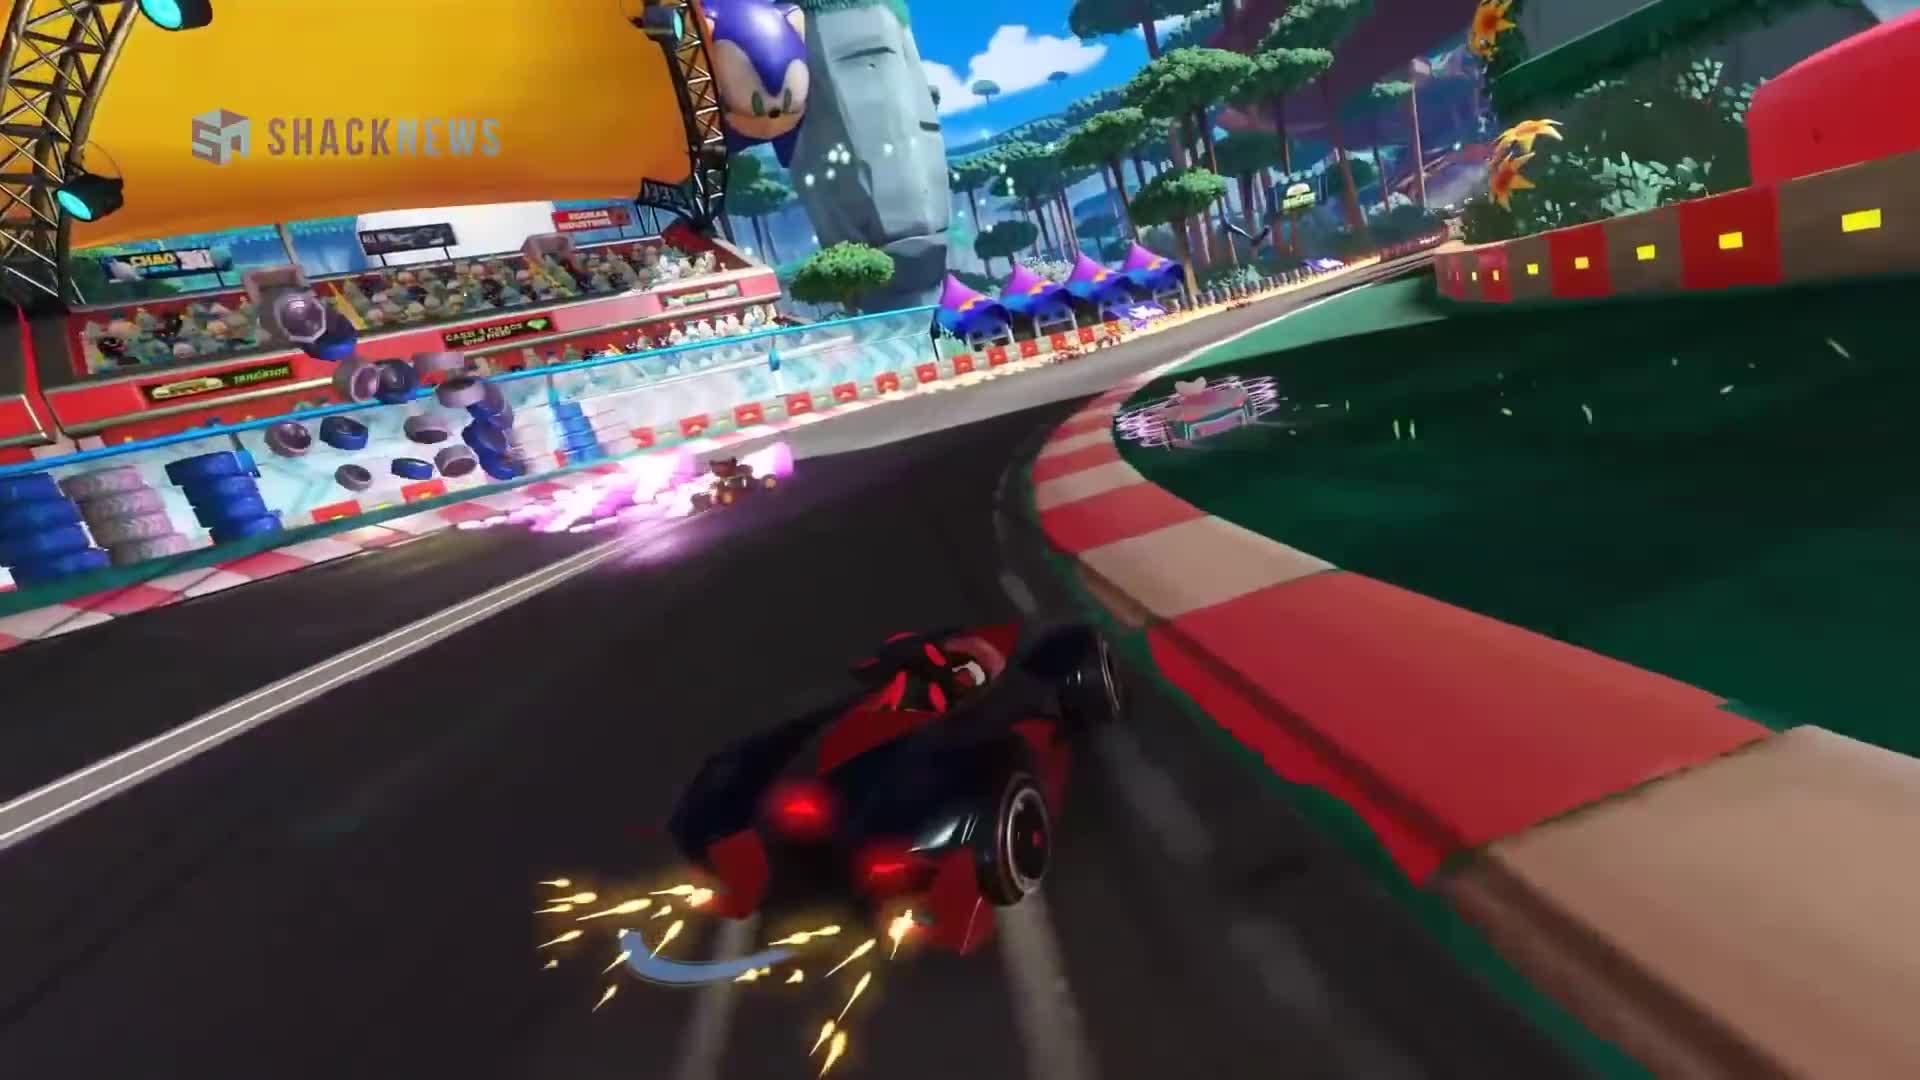 Resultado de imagem para team sonic racing screenshot 1080p